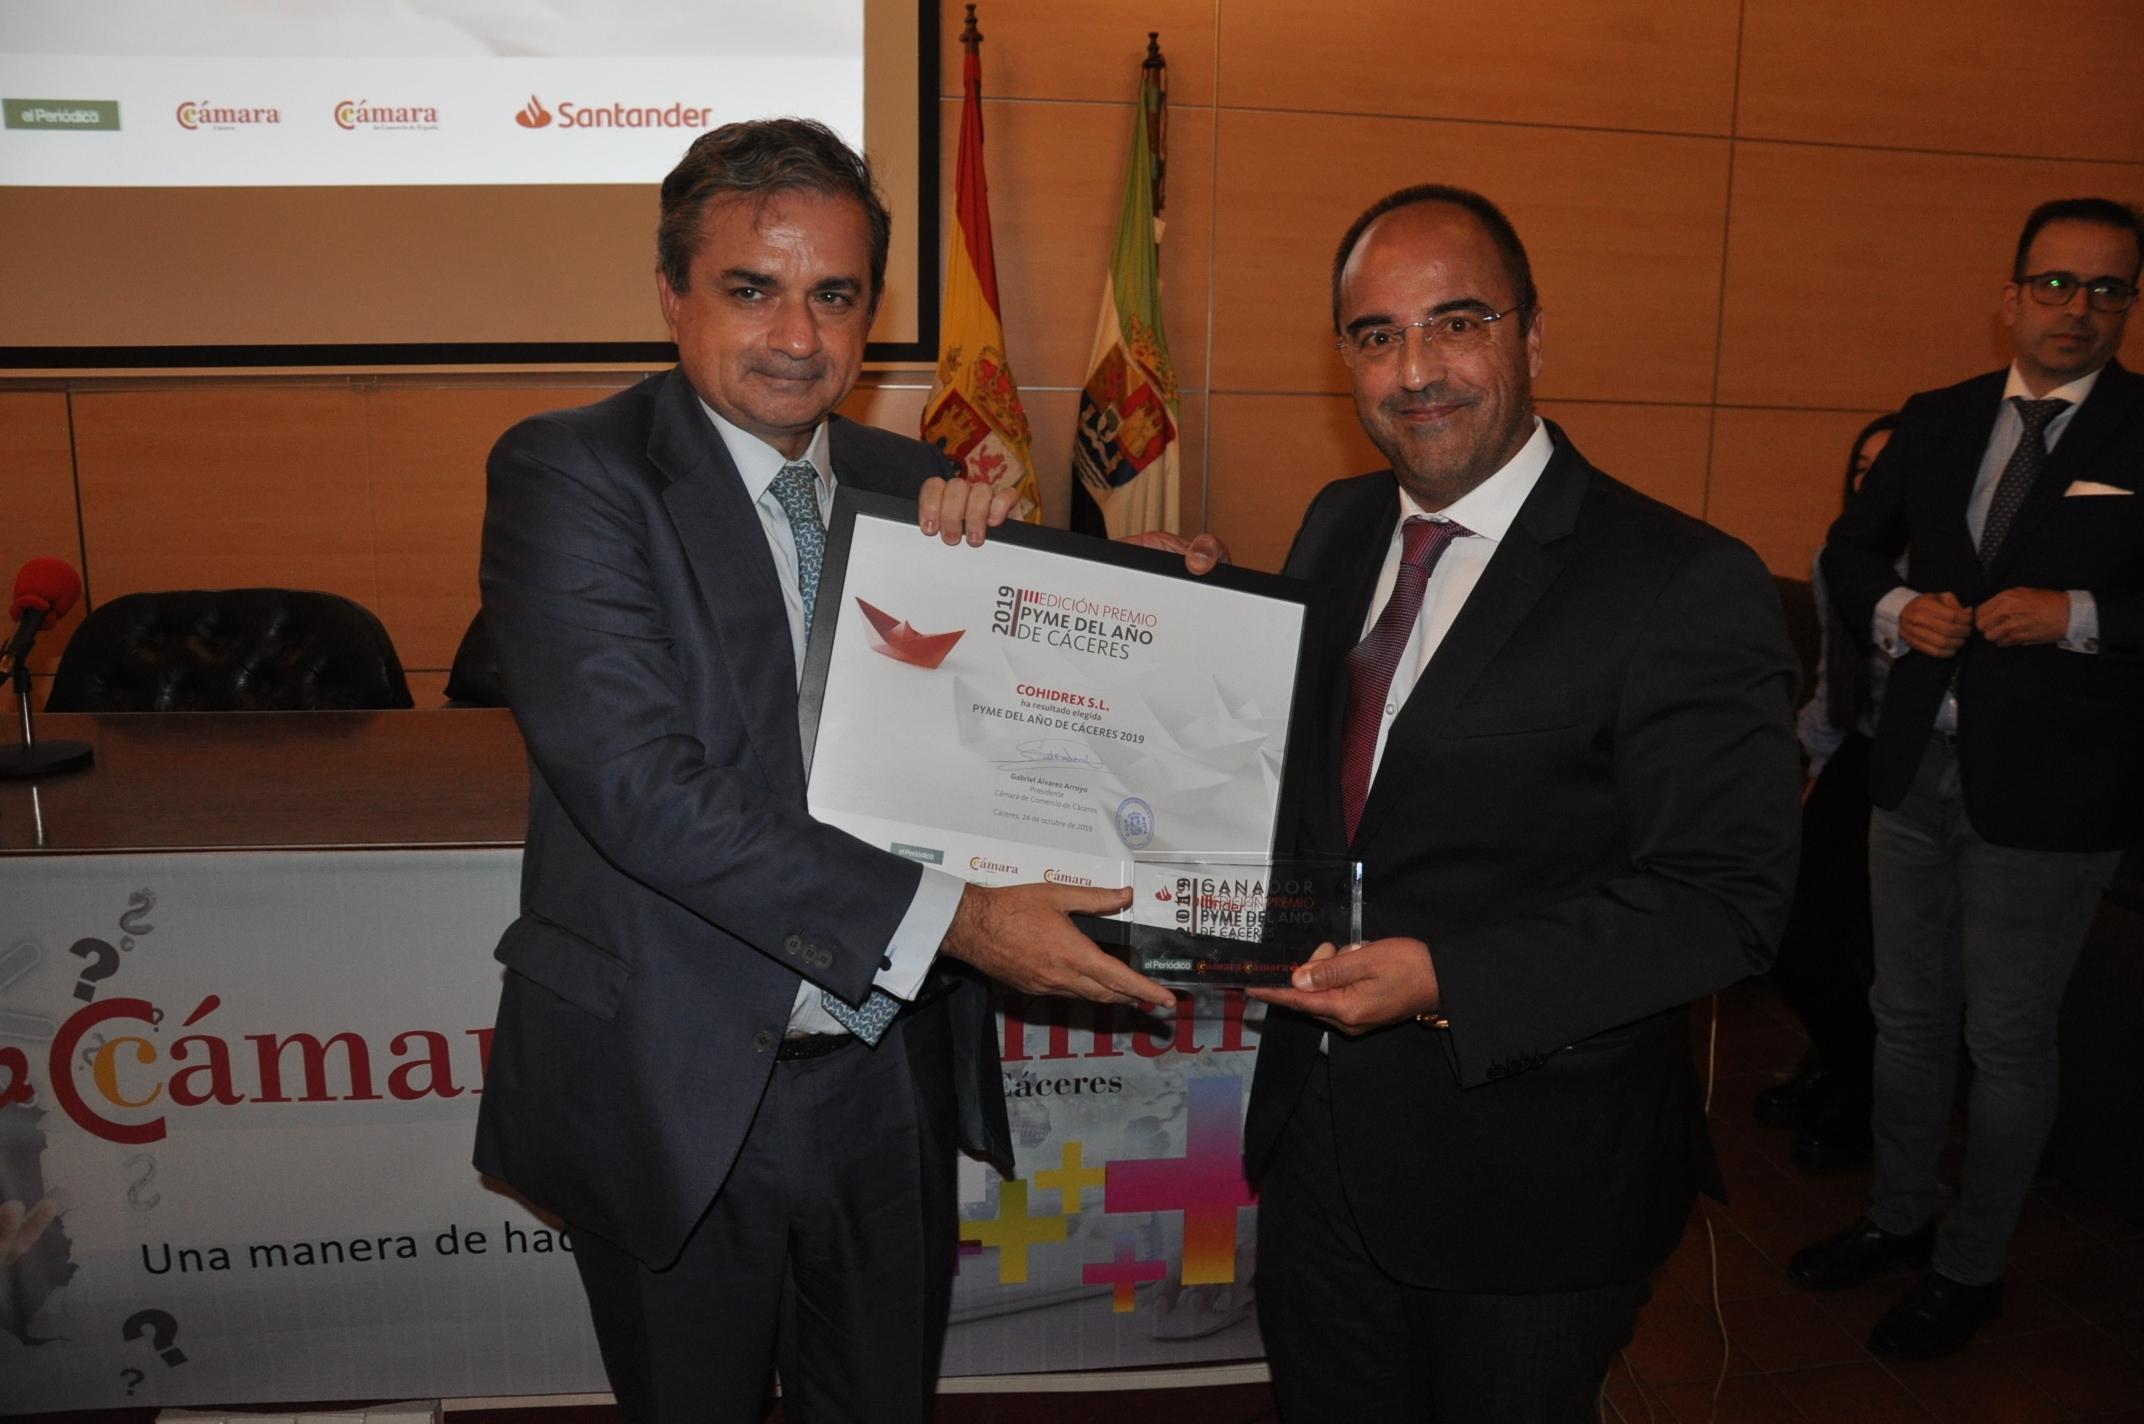 2-Alfonso Domínguez CEO de Cohidrex y Gabriel Álvarez Presidente de la Cámara de Comercio de Cáceres.JPG